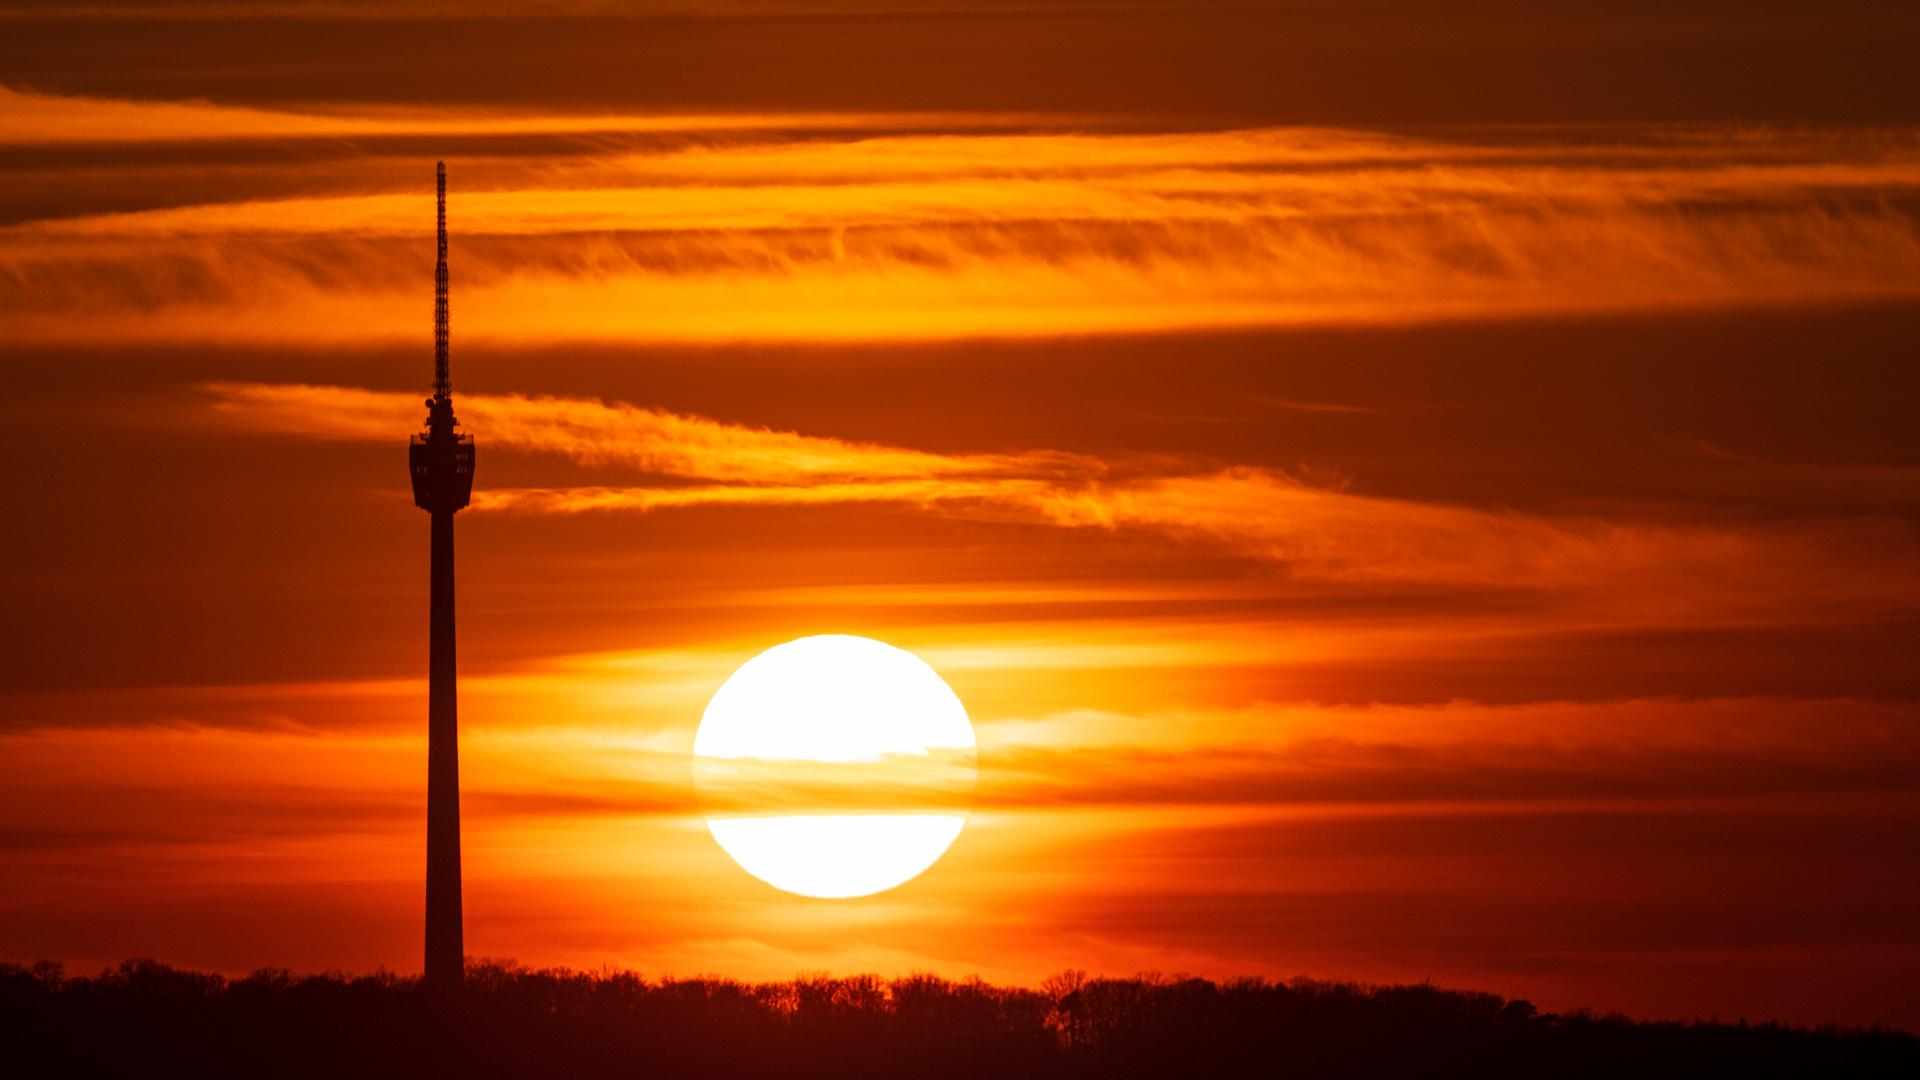 Sonnenuntergang am Fernsehturm Stuttgart